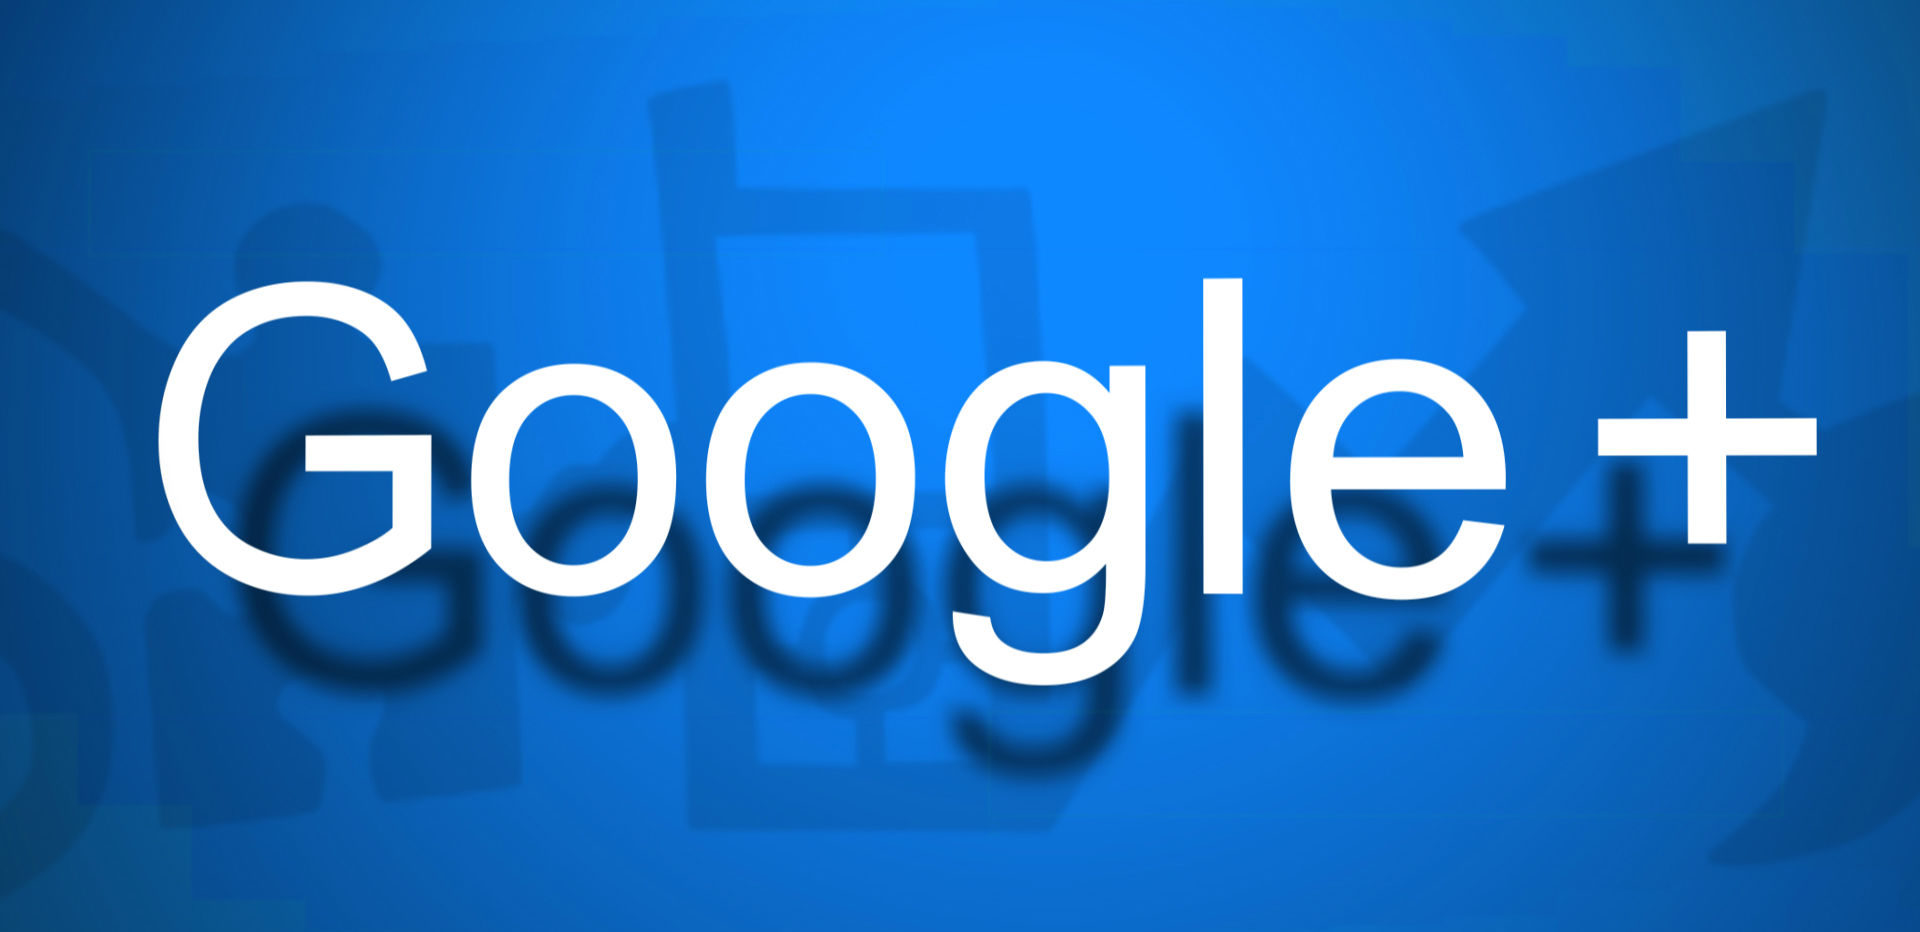 谷歌不再强制用户注册 Google+ | 极客早知道 2015 年 7 月 28 日